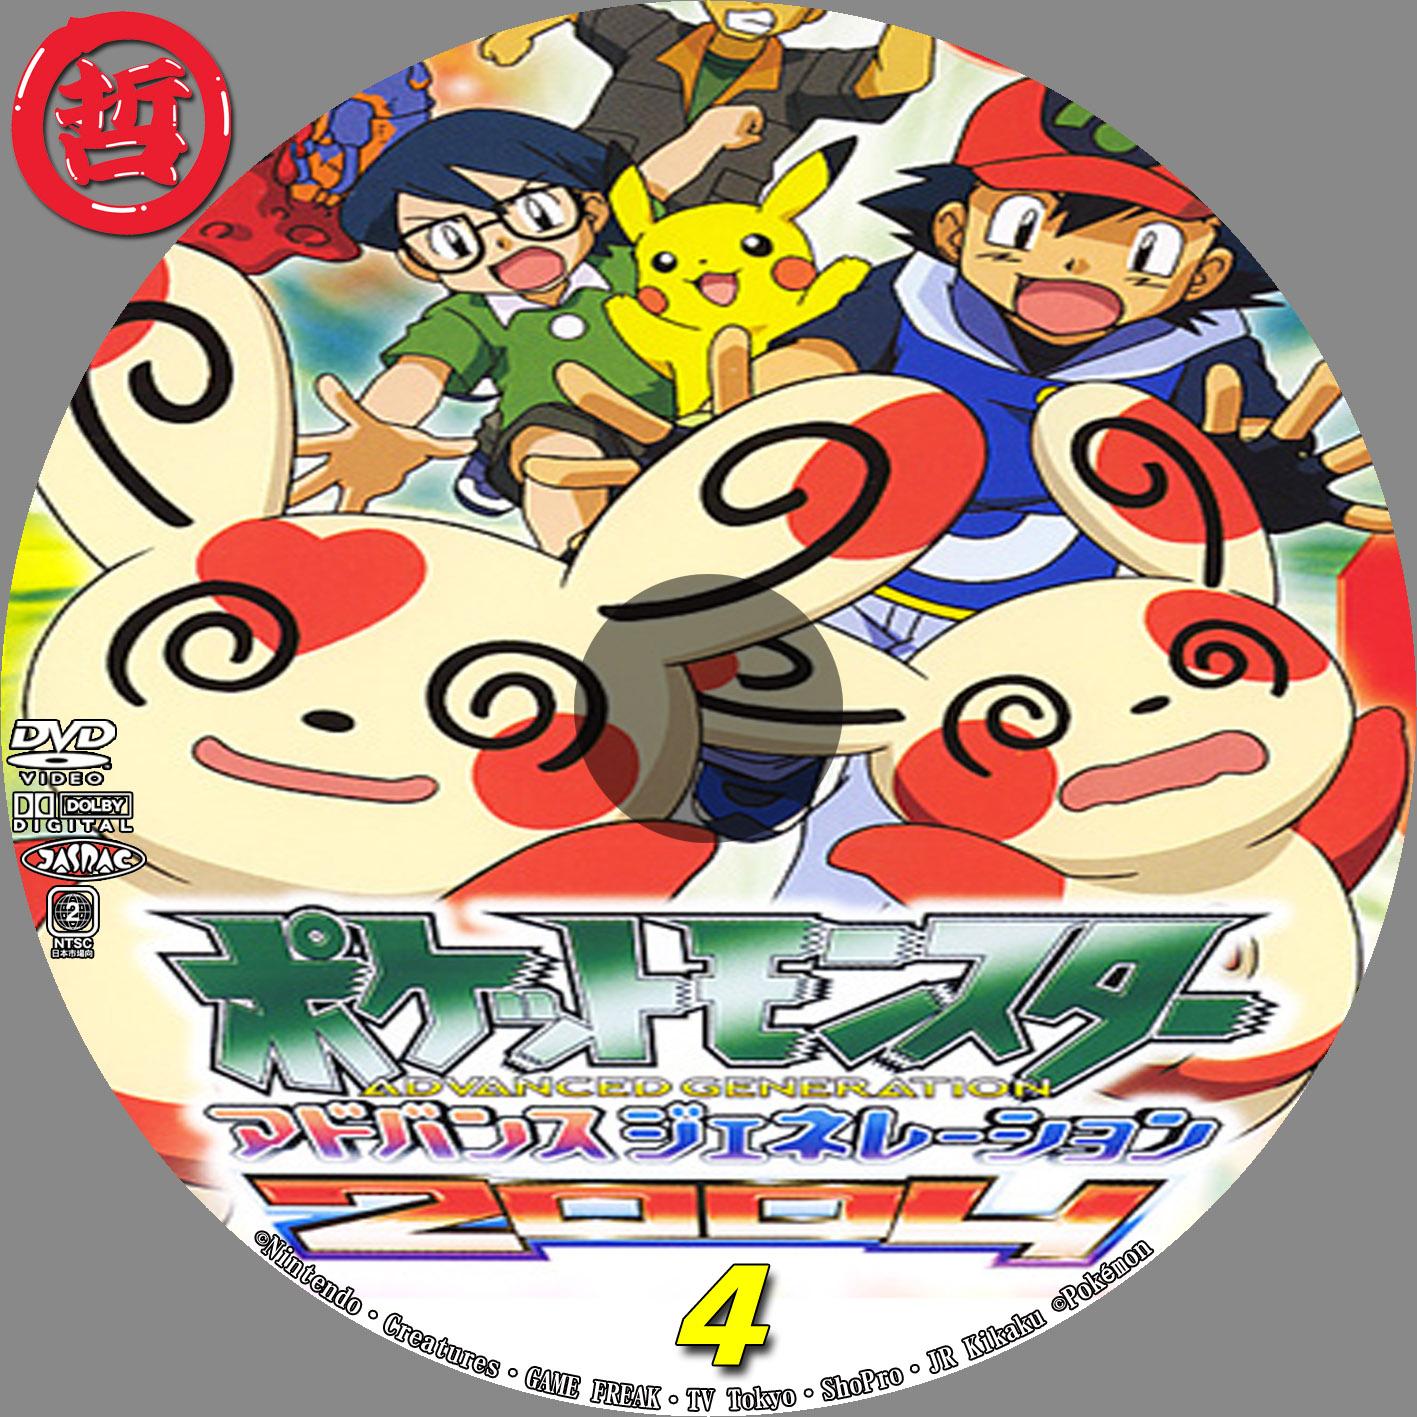 哲ヲのカスタムラベル ポケットモンスター アドバンスジェネレーション2004